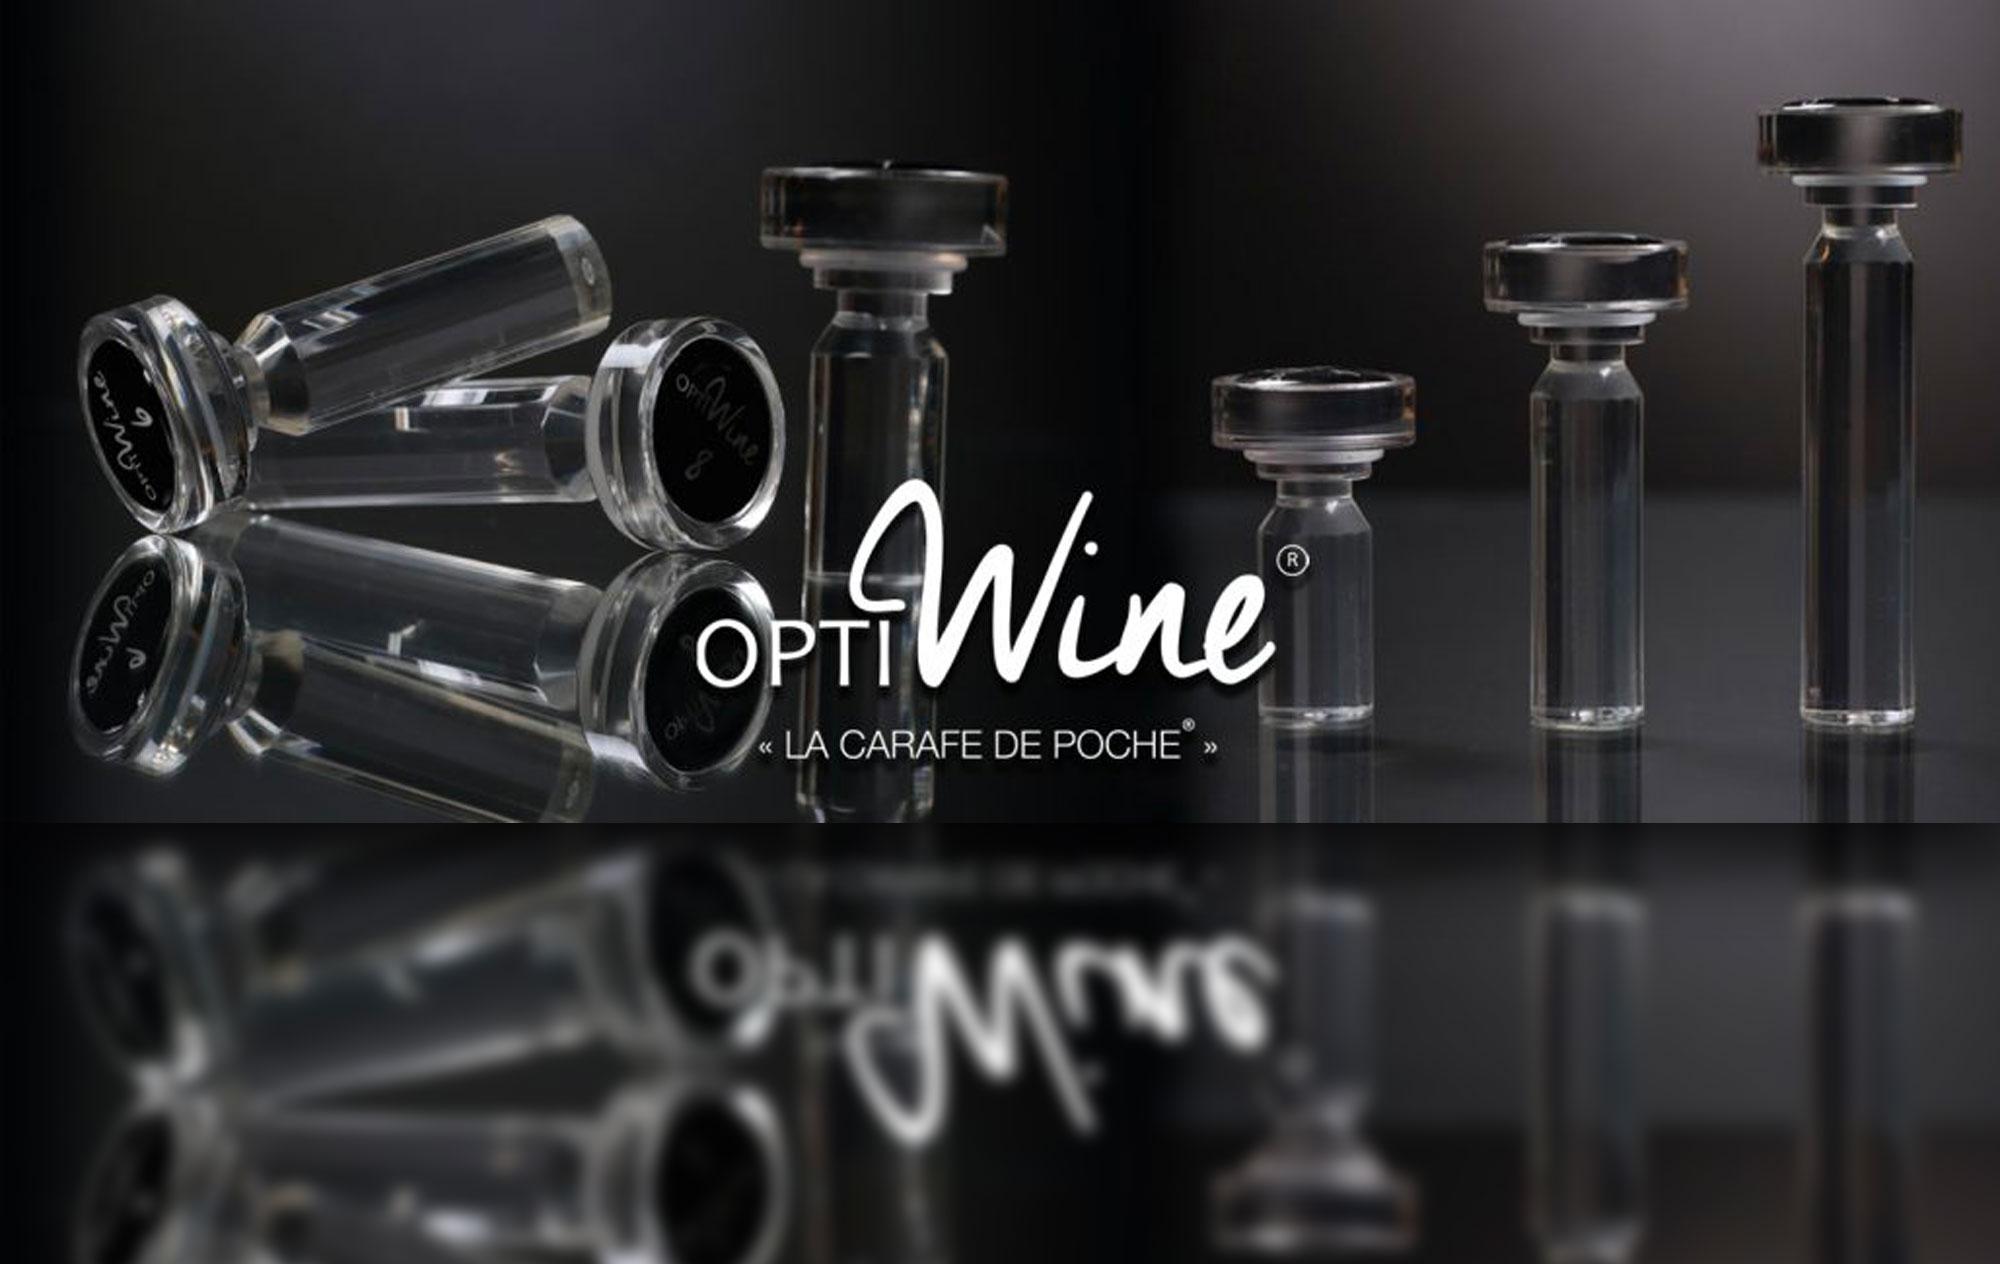 Optiwine – La carafe de poche